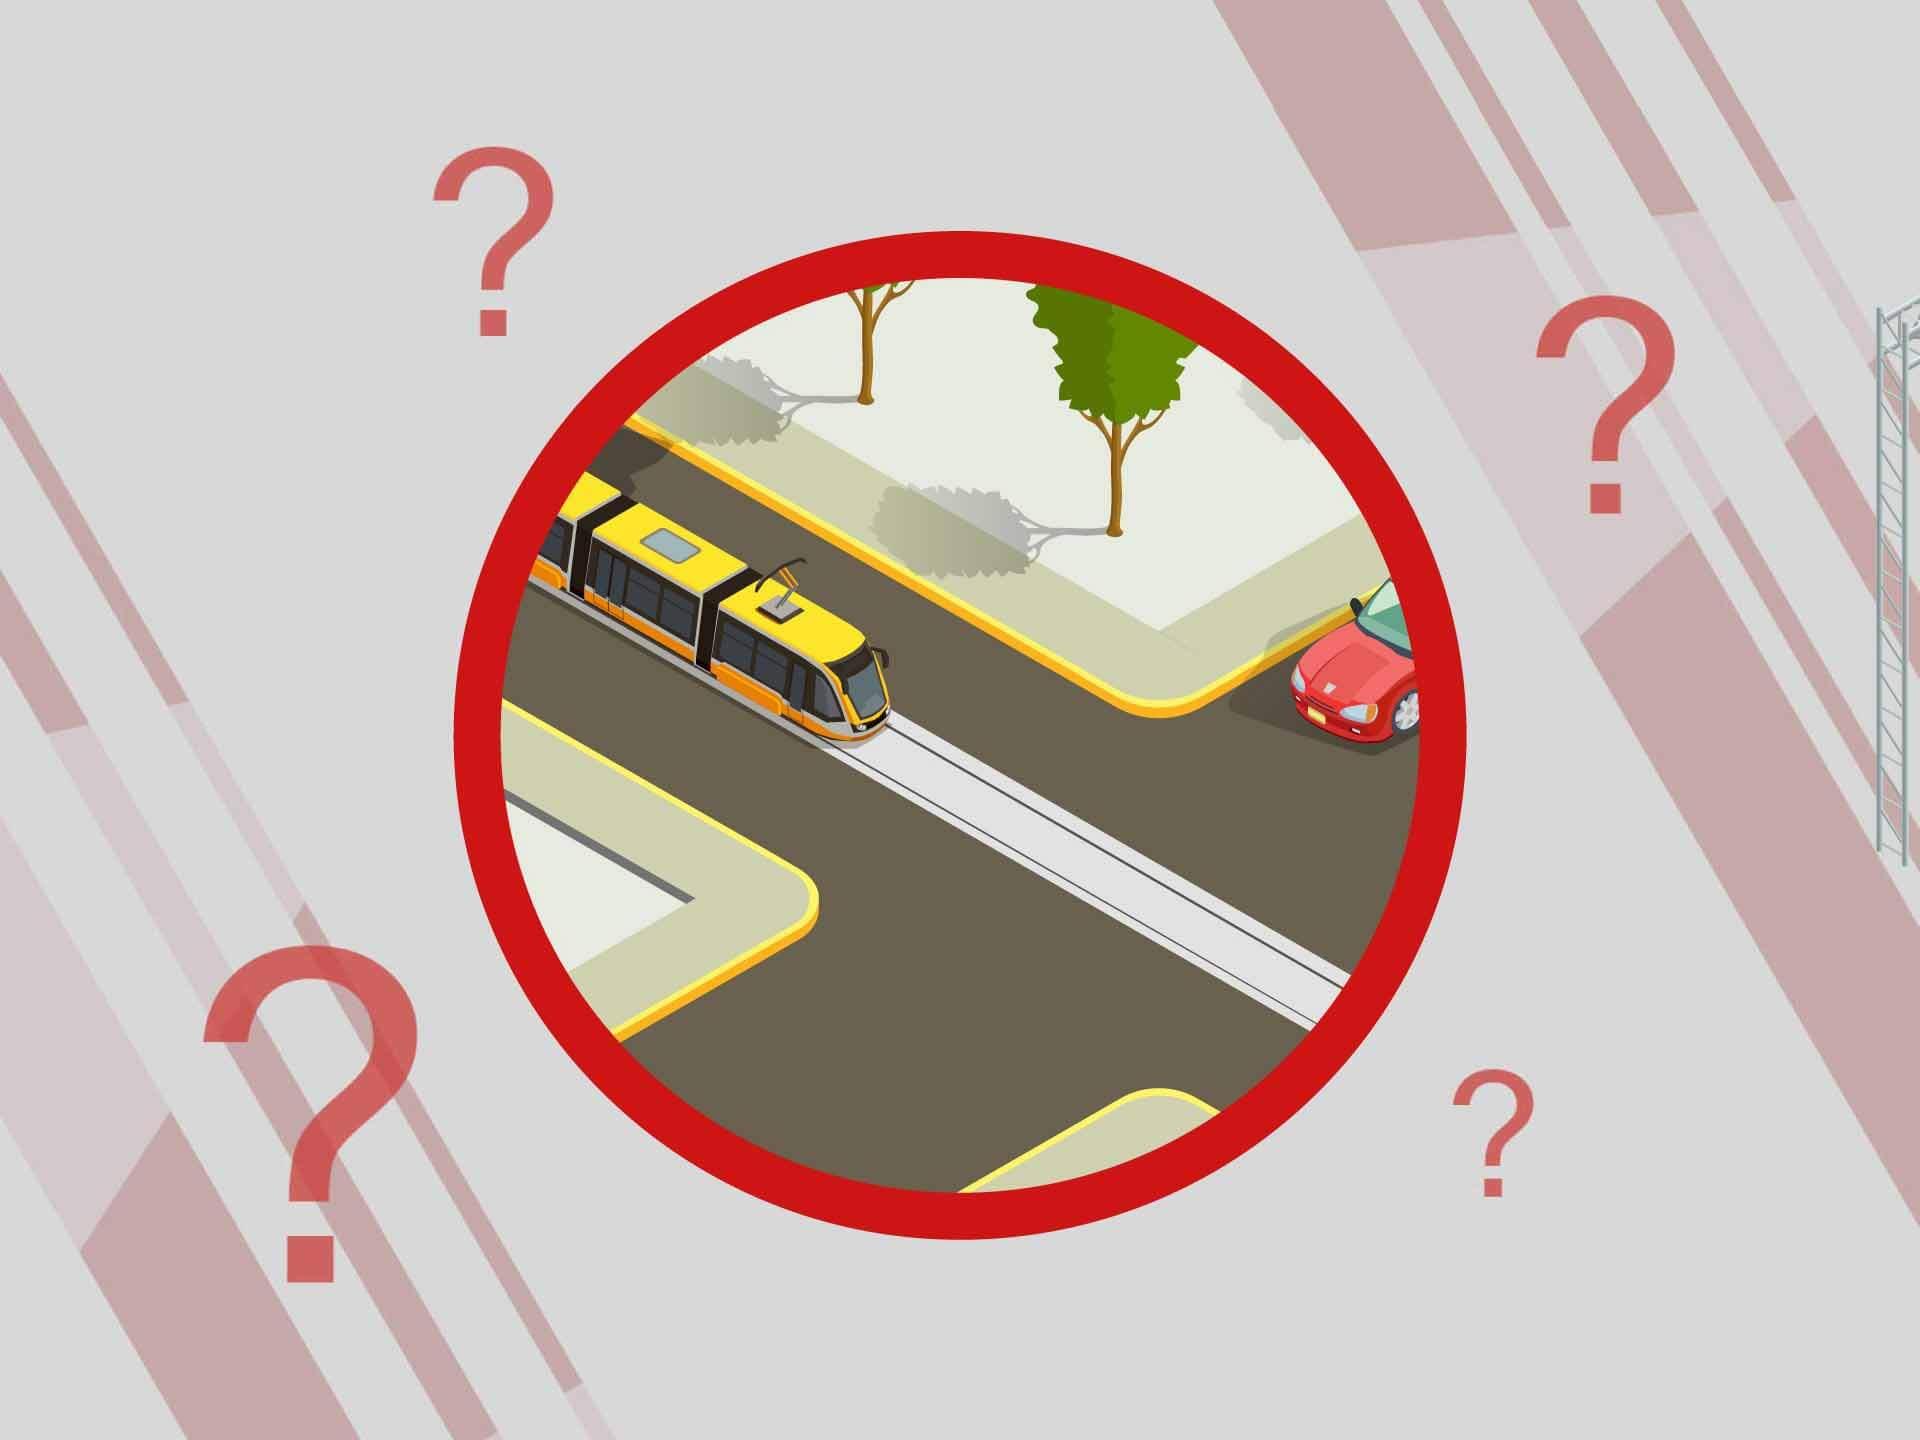 Взаимодействие авто с трамваем: анализируем все случаи